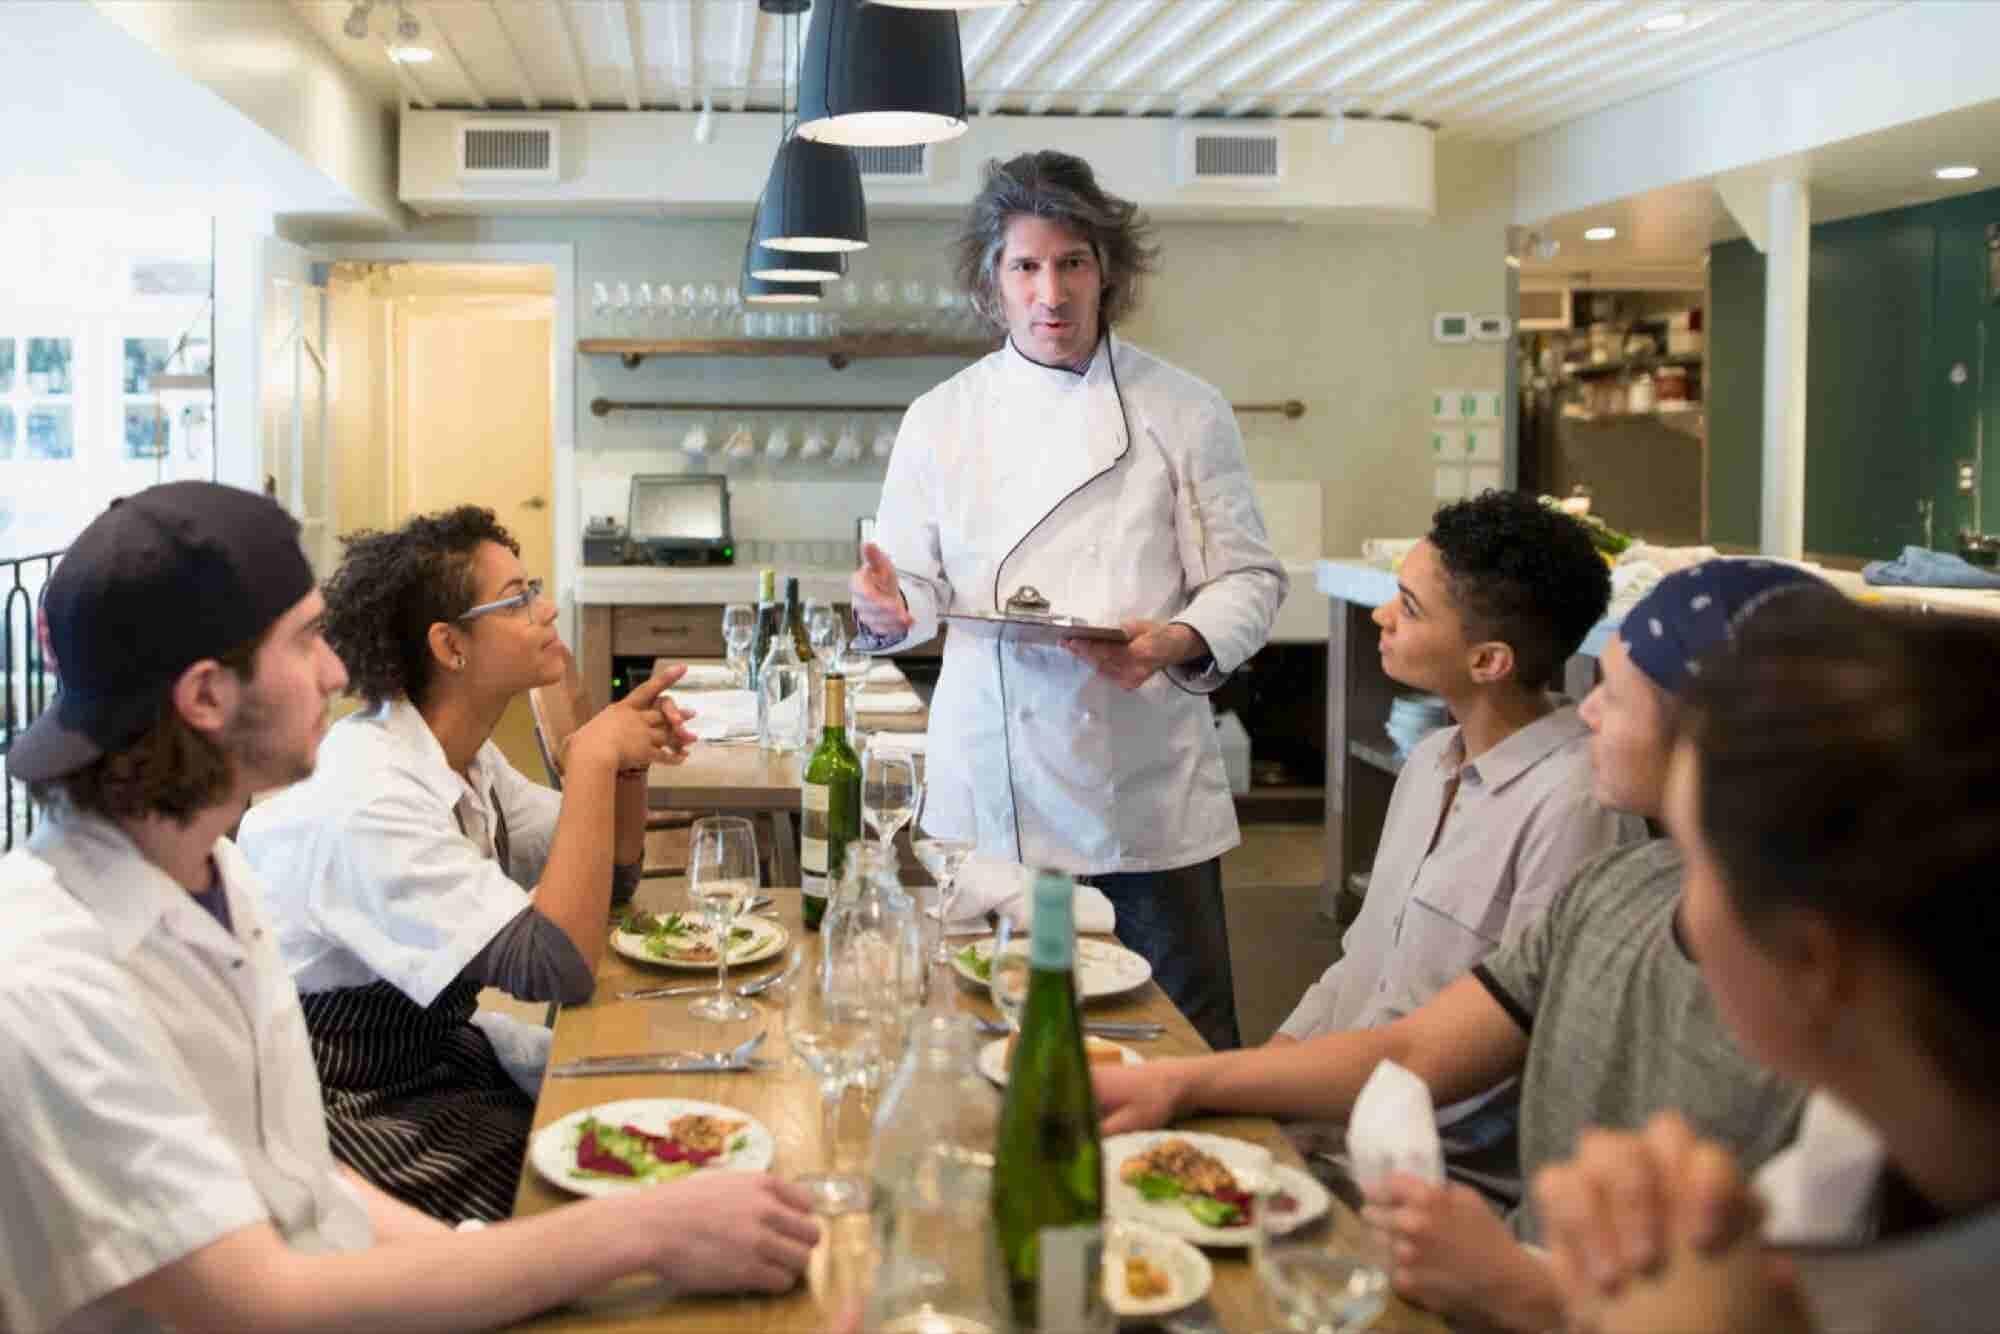 Smart Marketing Tips for New Restaurants